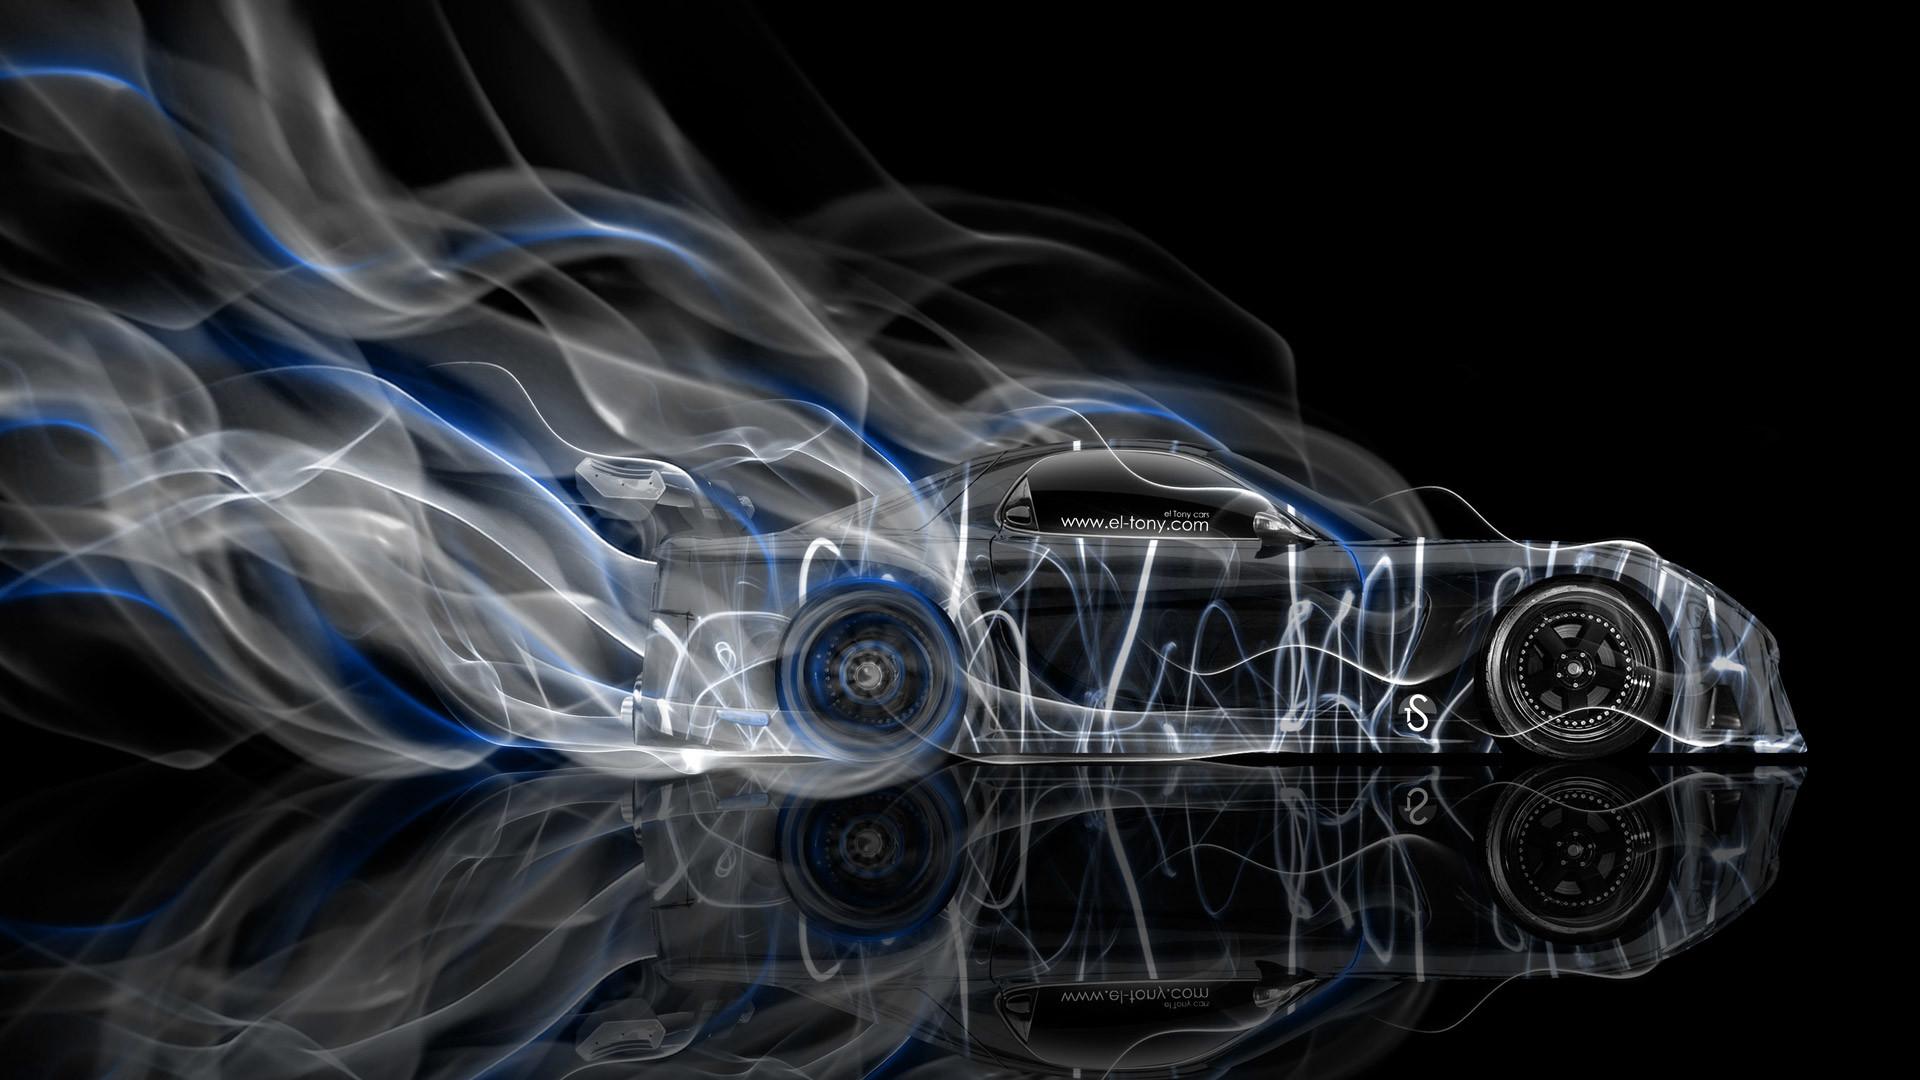 1920x1080 Vehicles For U003e Nissan 350z Veilside Wallpaper